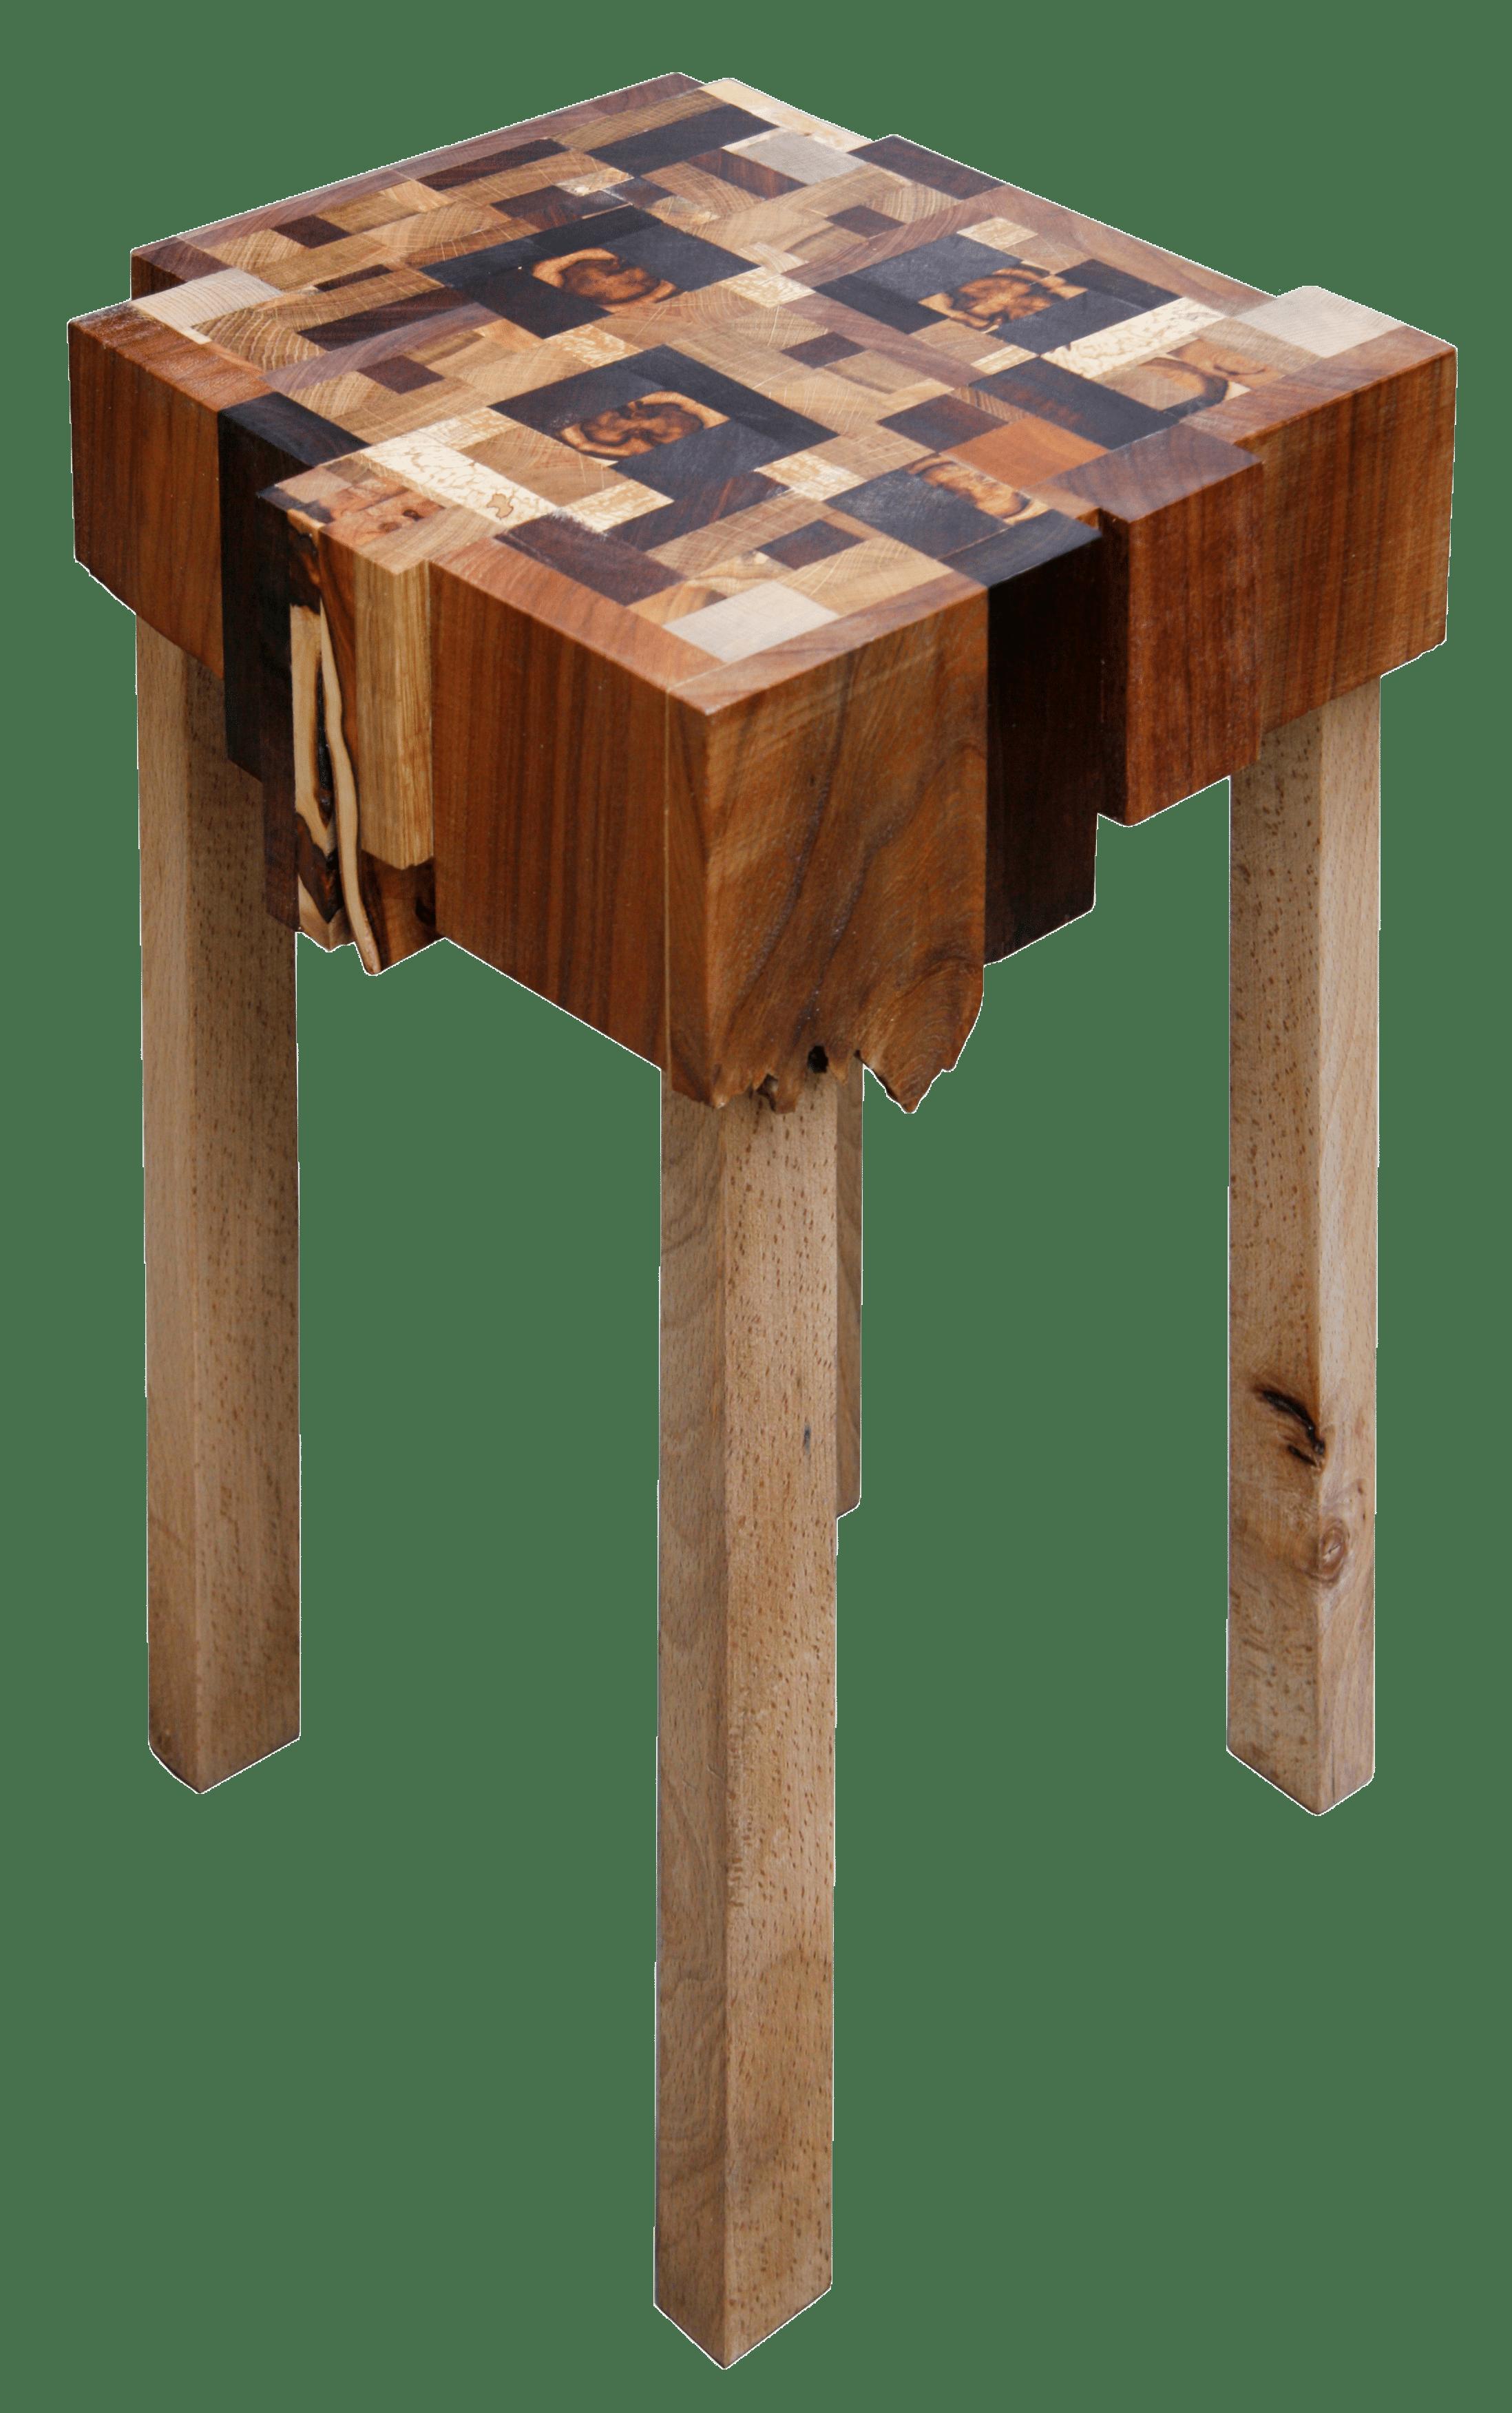 Houtkunst en houtdesign expositie door houtkunstenaars - Tafel leeuw ...